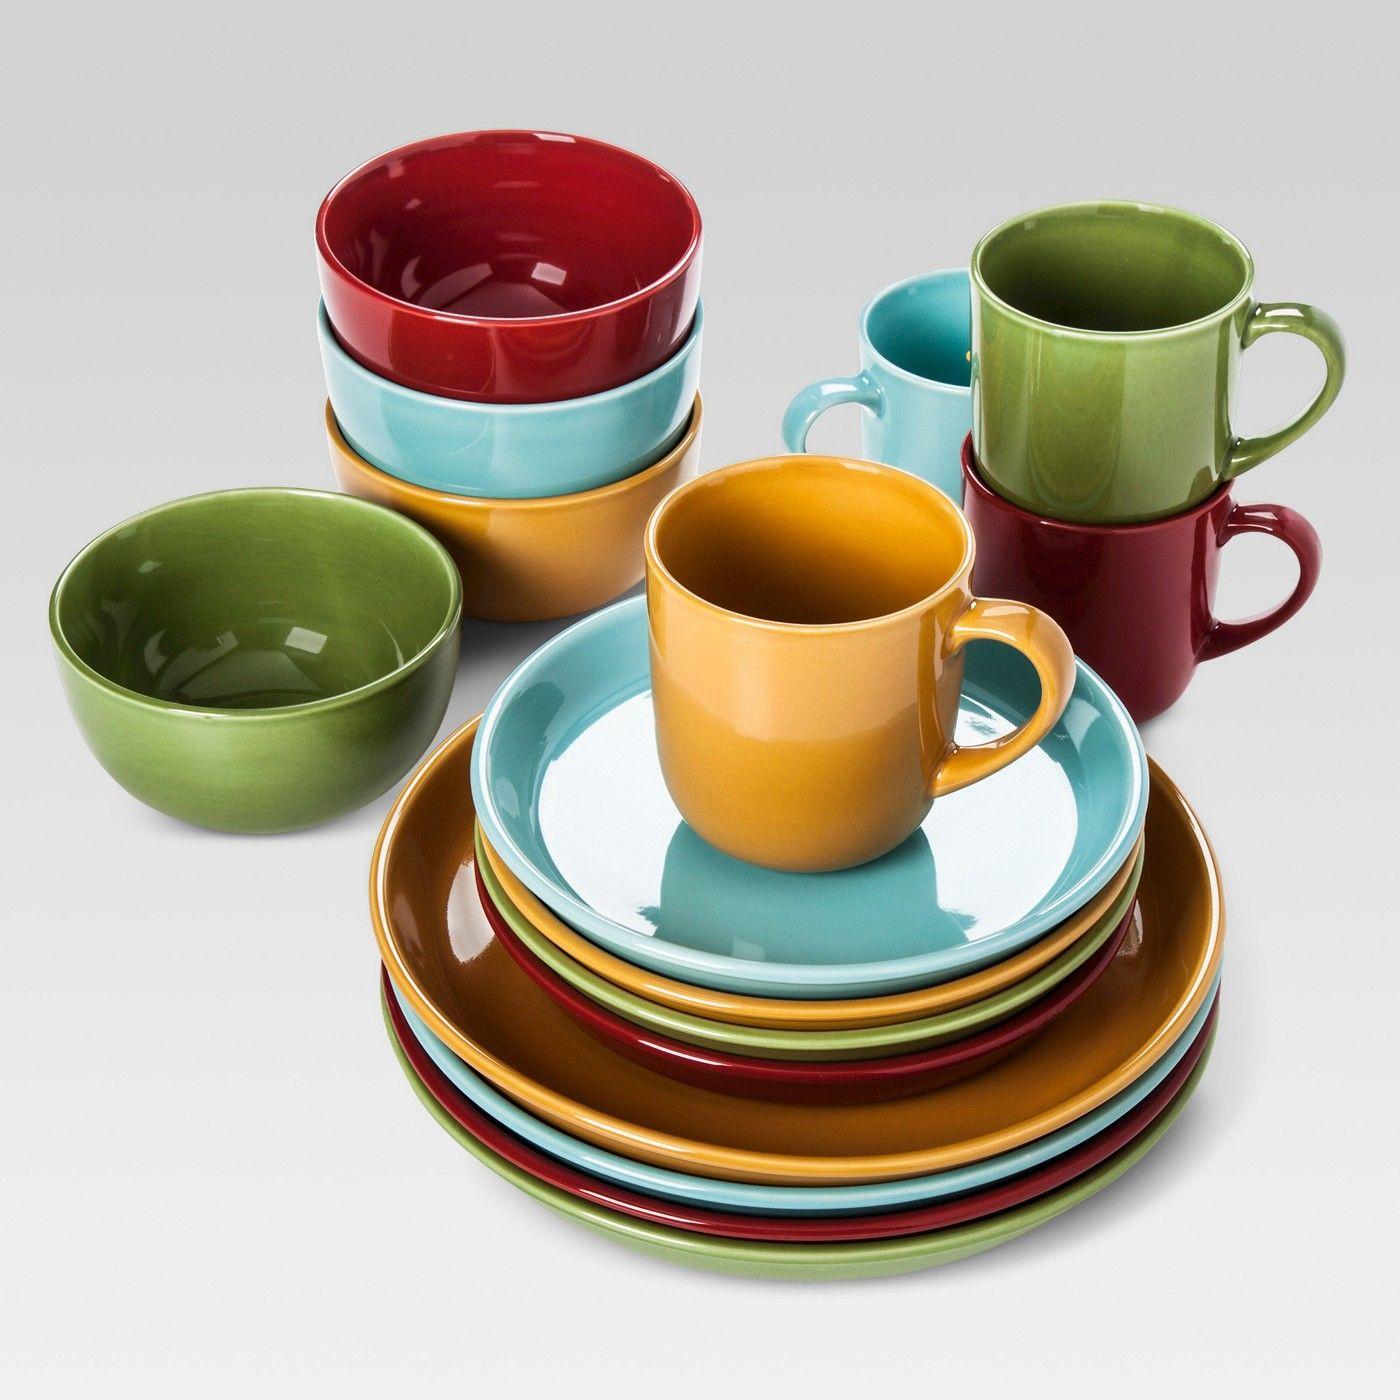 Stoneware 16pc Dinnerware Set Blue Yellow Red Green Threshold Image 2 Of 2 Dinnerware Set Red Green Dinnerware